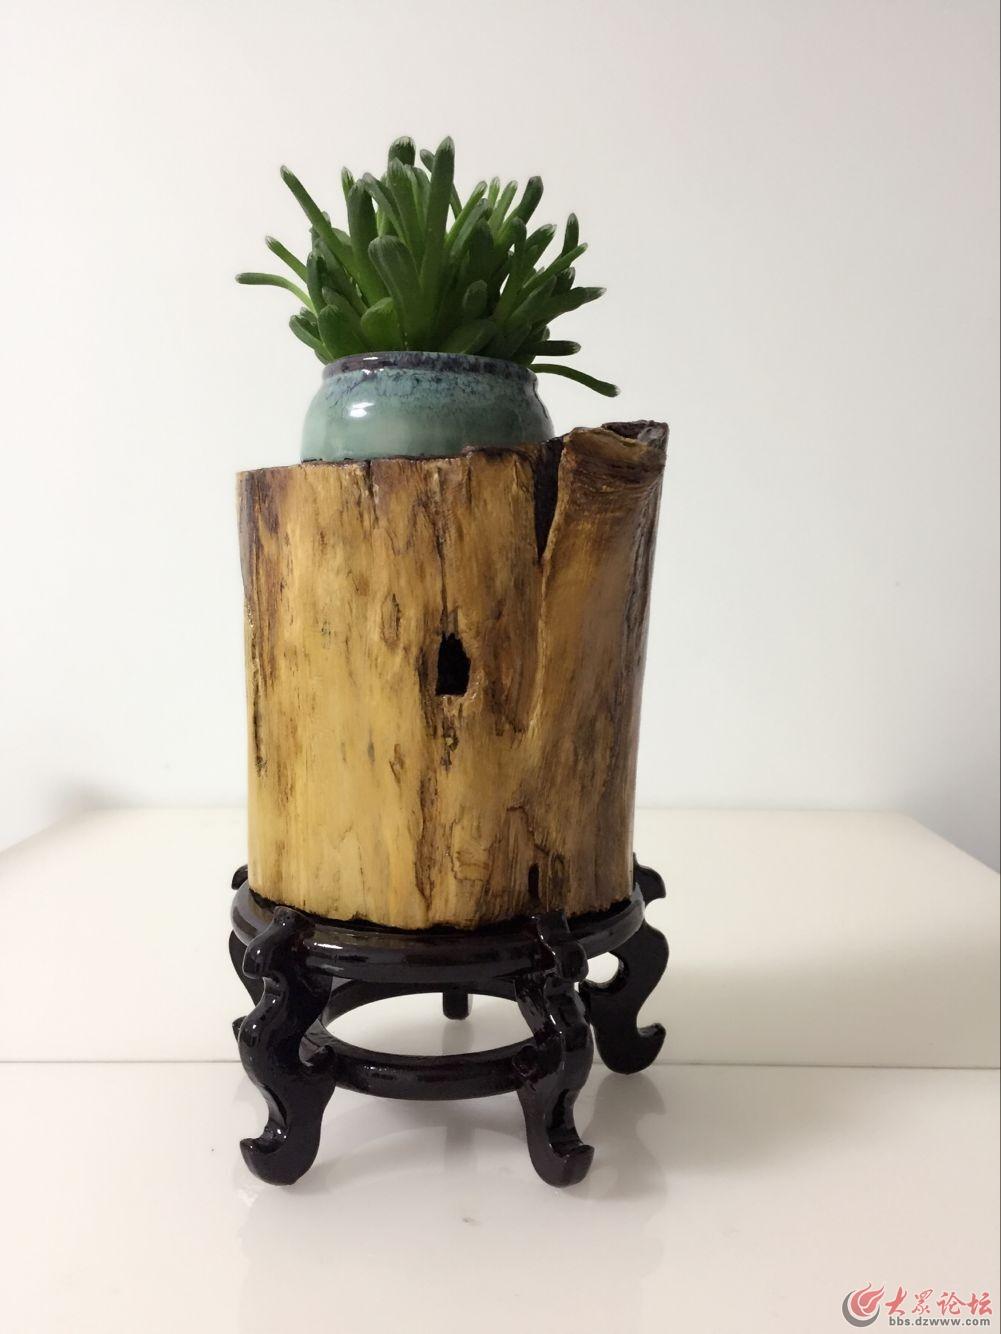 纯木头制作的花盆 有喜欢的吗